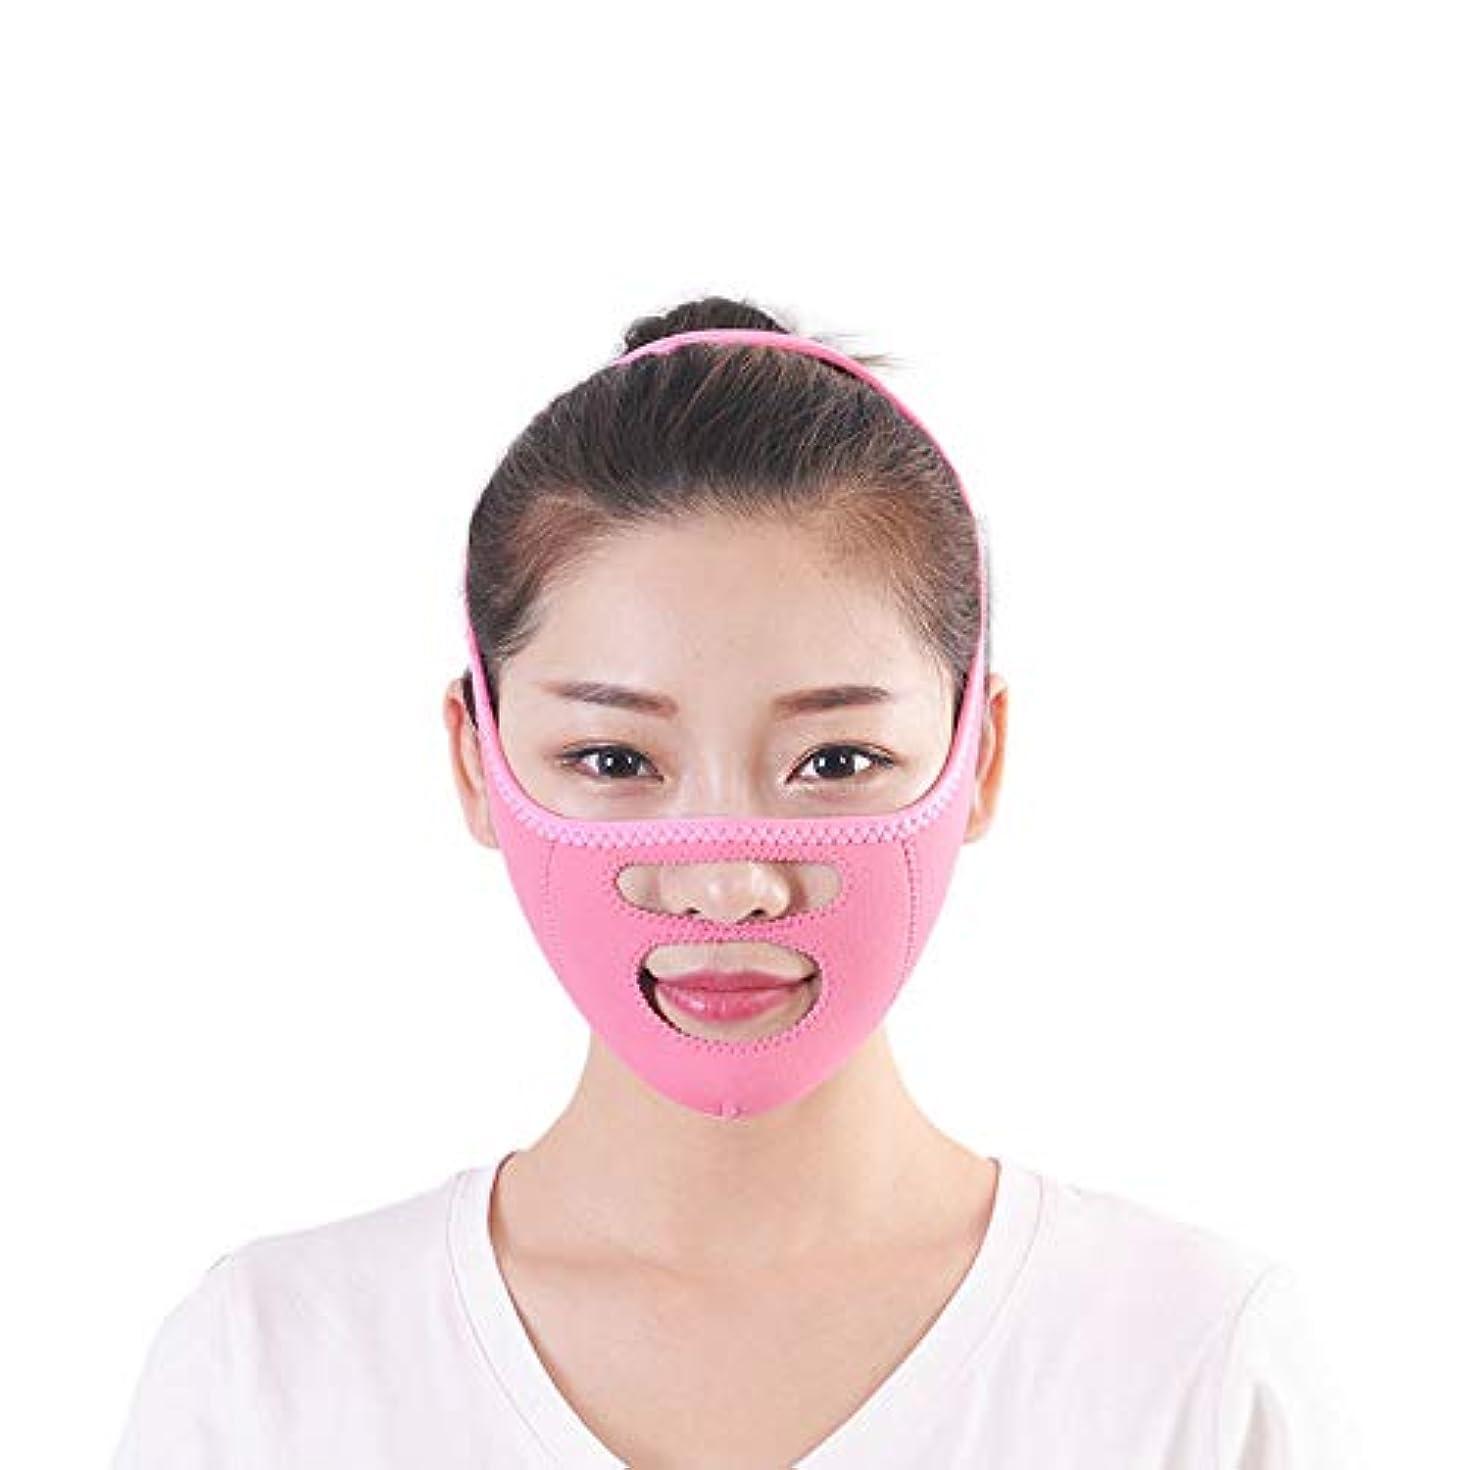 量契約する脆い二重あごの顔の減量の緩和を改善するためのフェイスリフティングアーチファクトマスク、ビームフェイス包帯/小型Vフェイスリフティングタイト補正,Blue